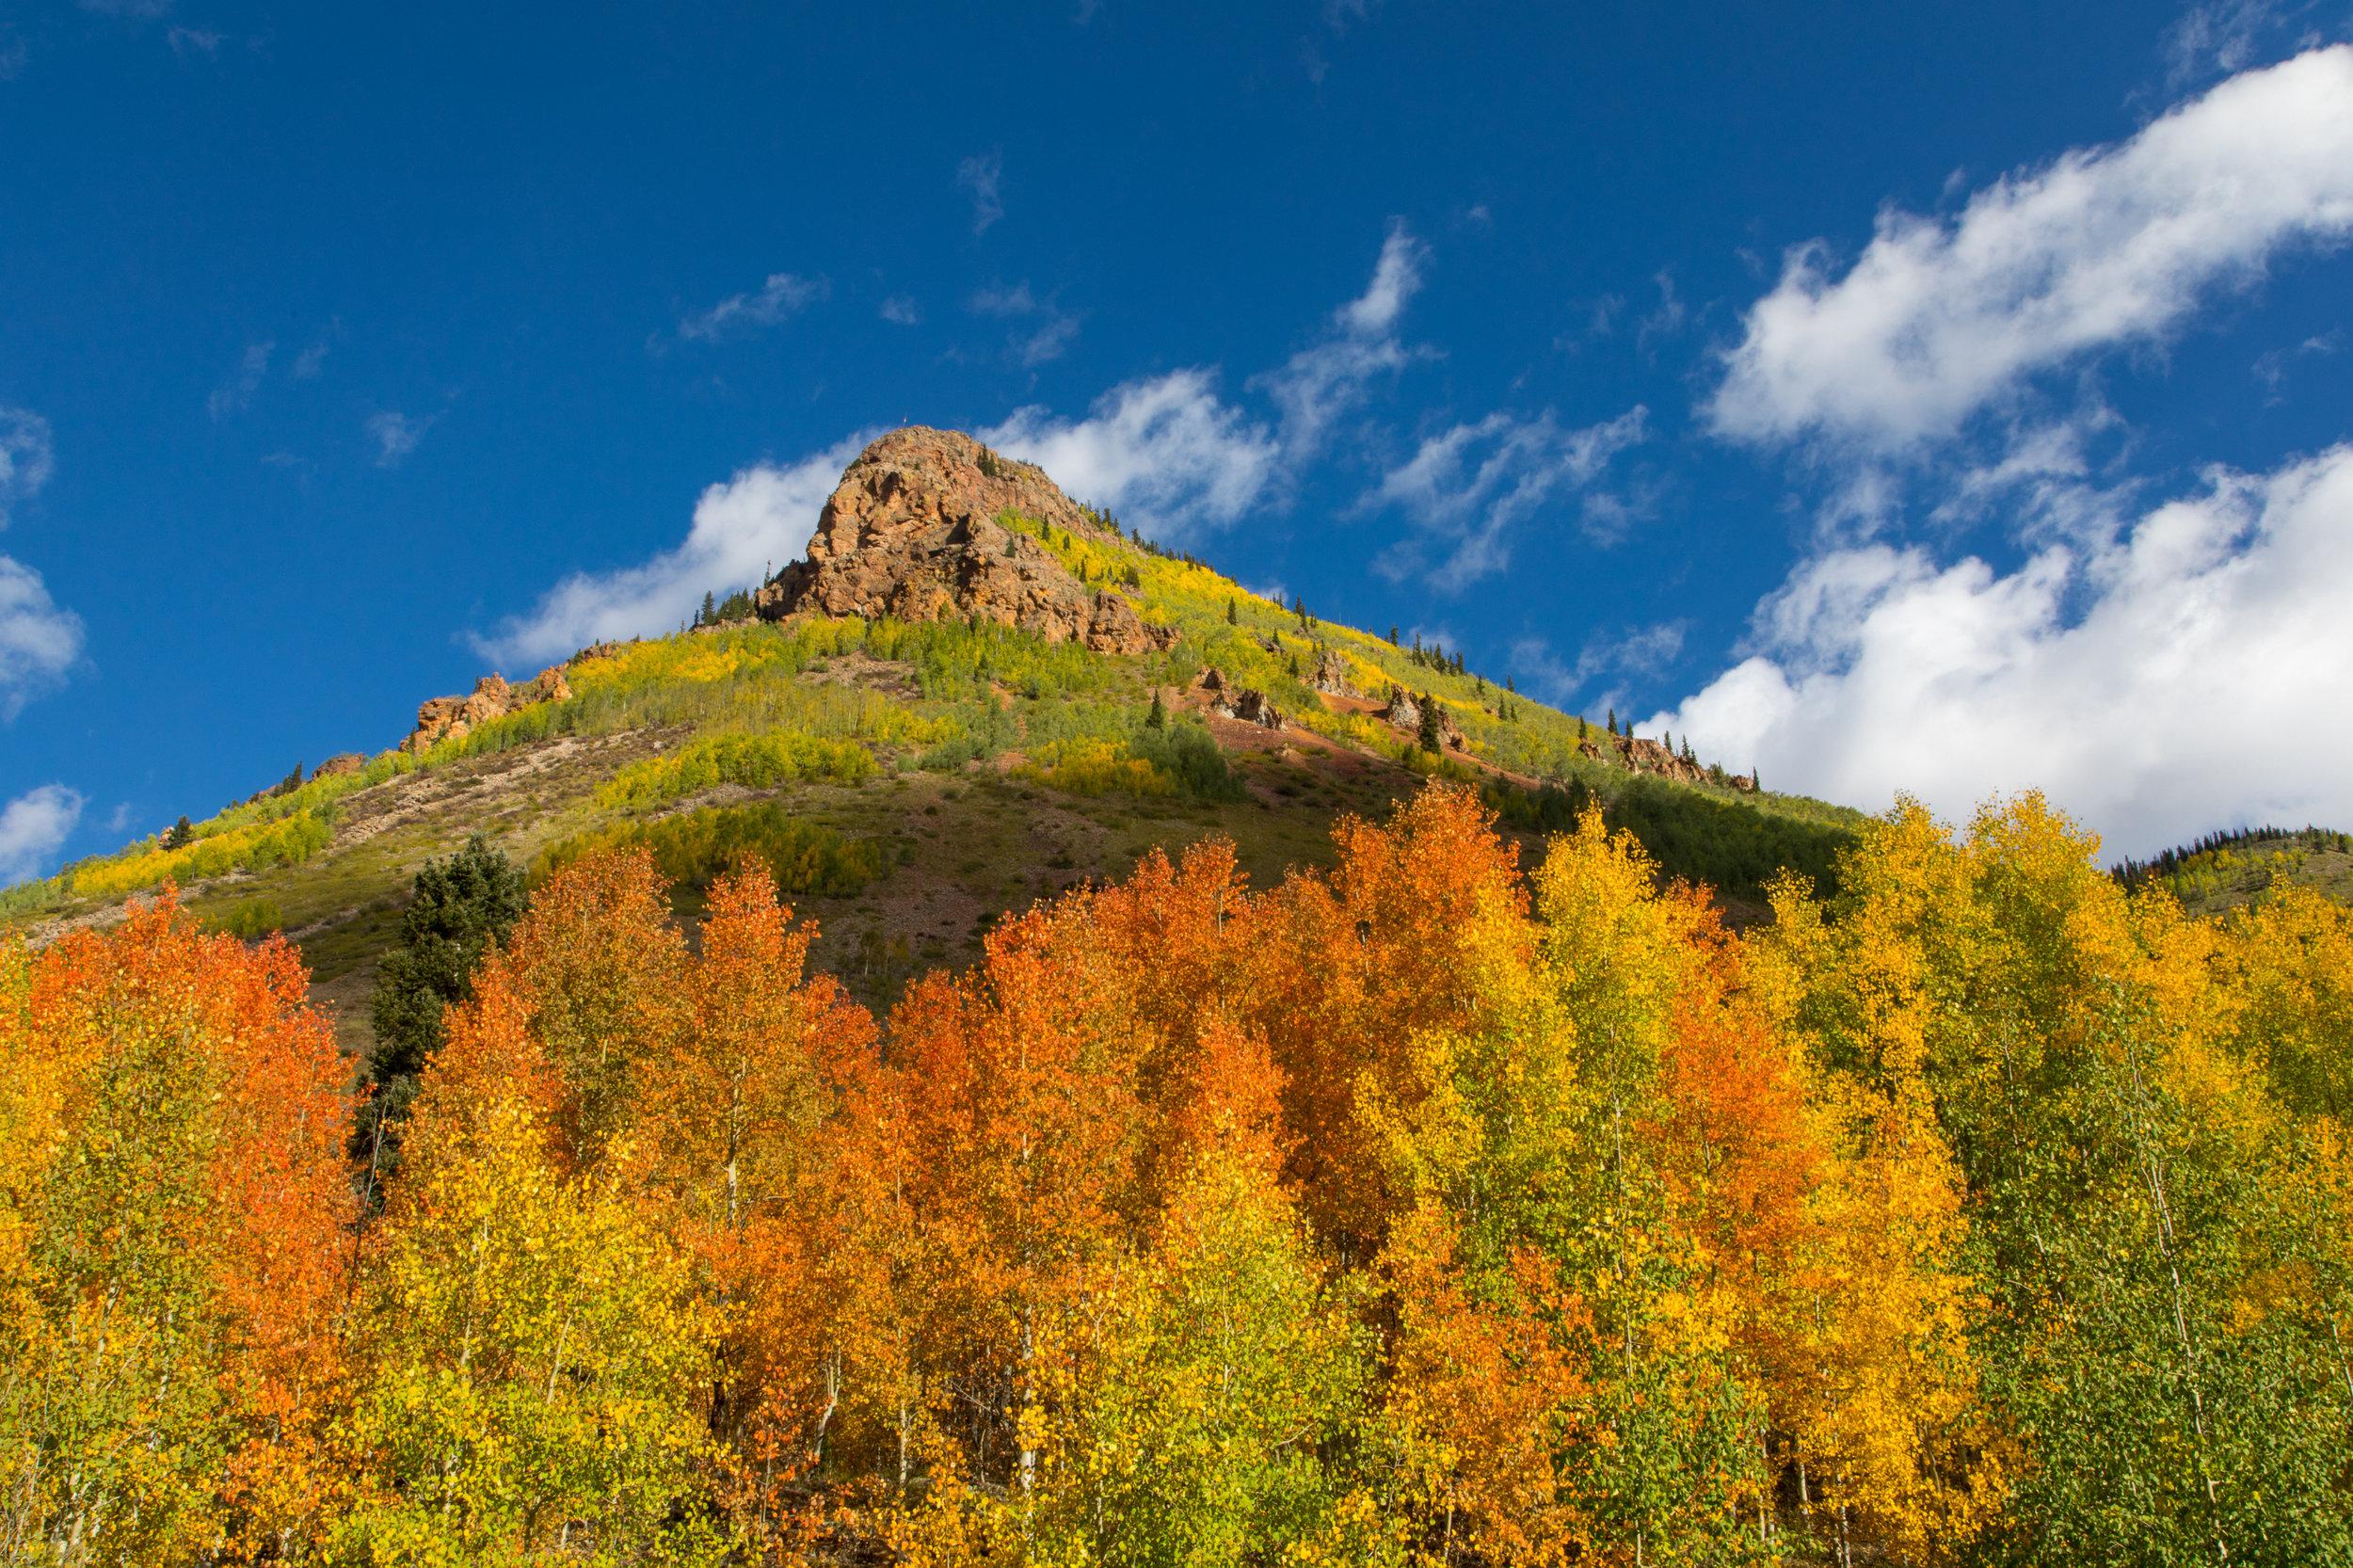 Silverton, Colorado, Image # 9411